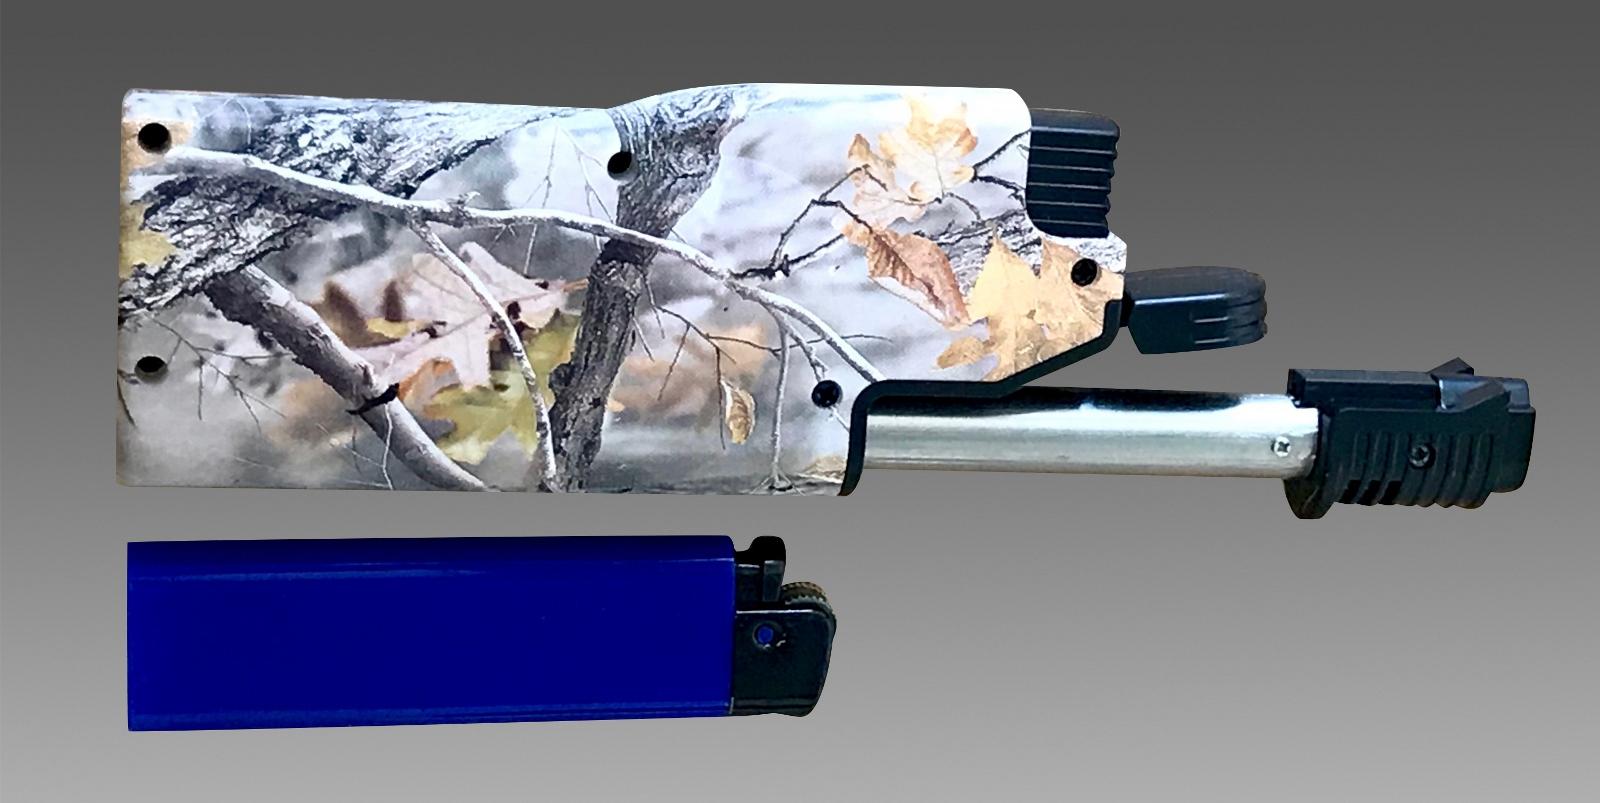 МЕГА надежная тактическая зажигалка в камуфляжном корпусе.